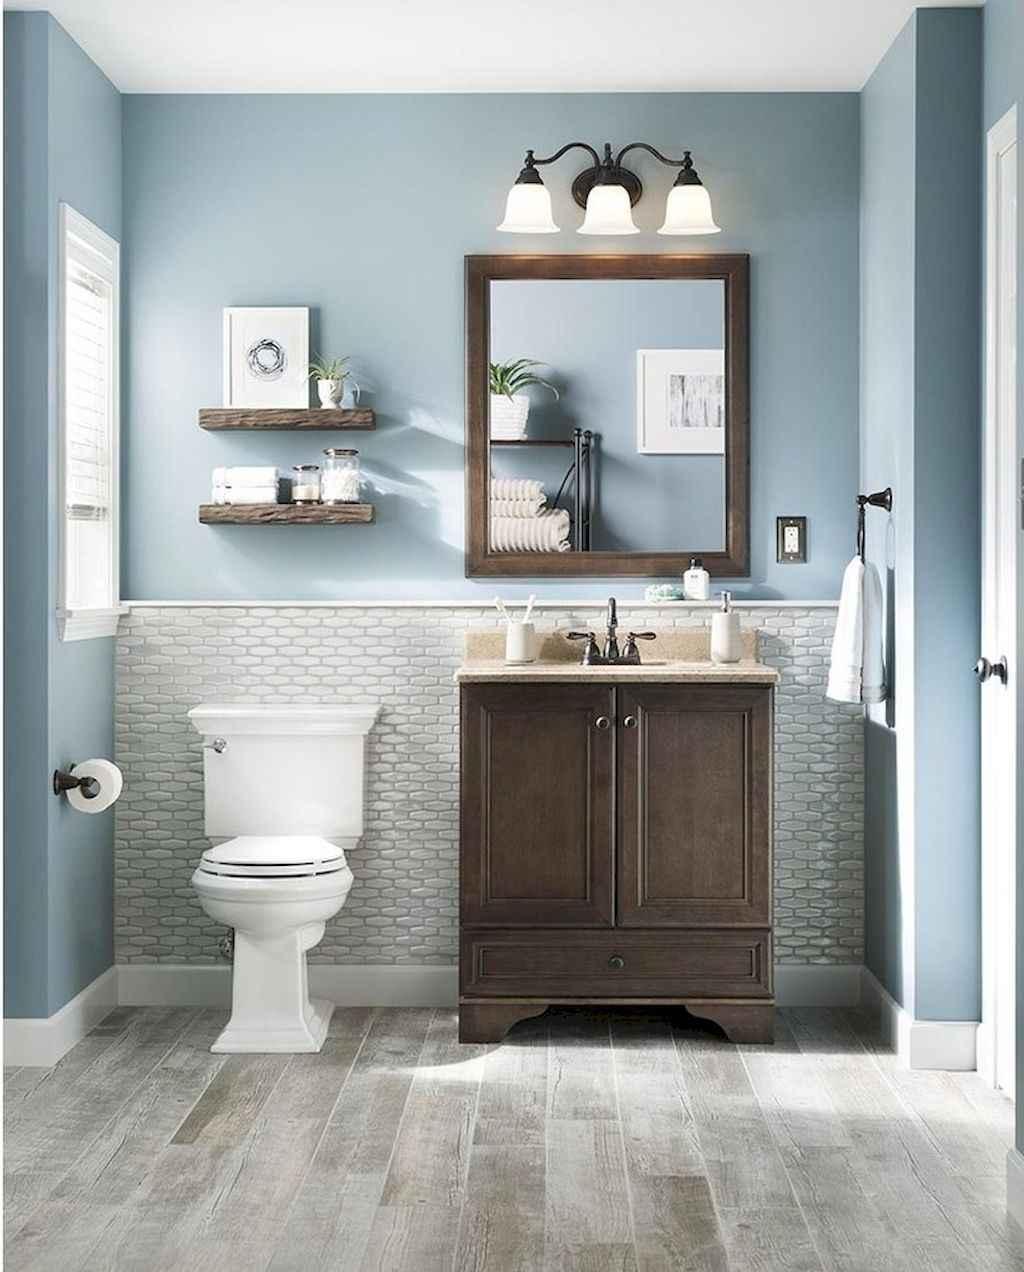 60 inspiring bathroom remodel ideas 59 for Blue and grey bathroom